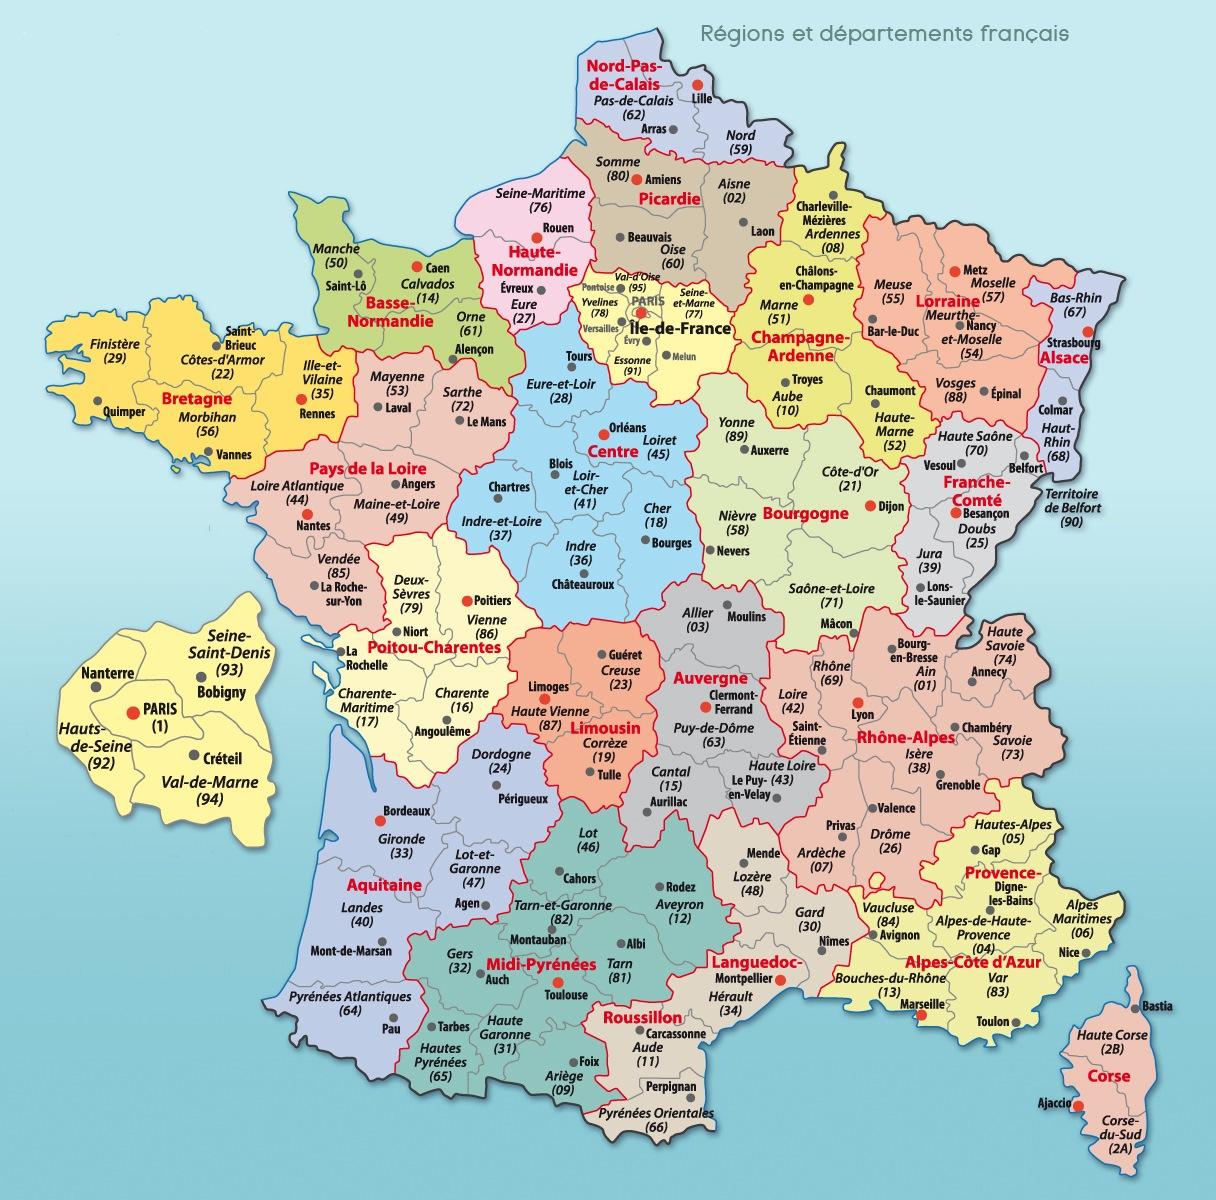 Carte De France Départements Et Régions intérieur Carte Des 13 Nouvelles Régions De France